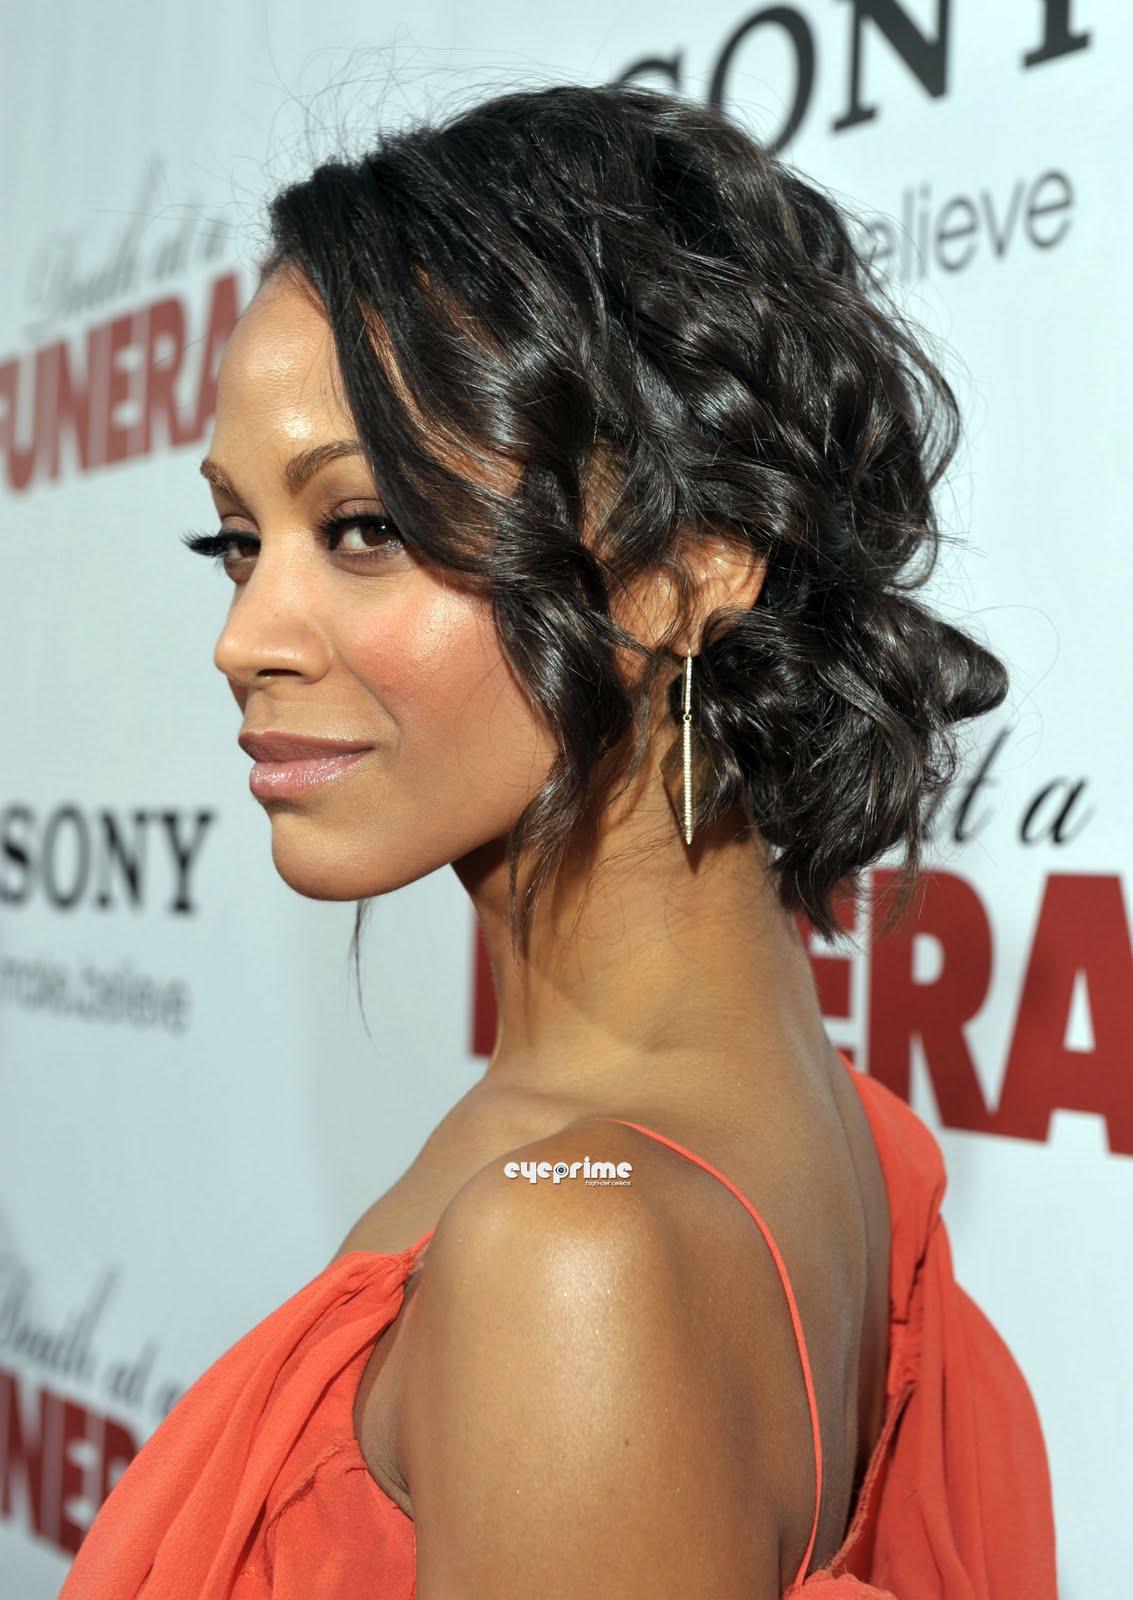 http://1.bp.blogspot.com/_6A8j2EQmANk/S8alZsa-P2I/AAAAAAAABSI/aOFcOkawxFI/s1600/Zoe+Saldana1.jpg